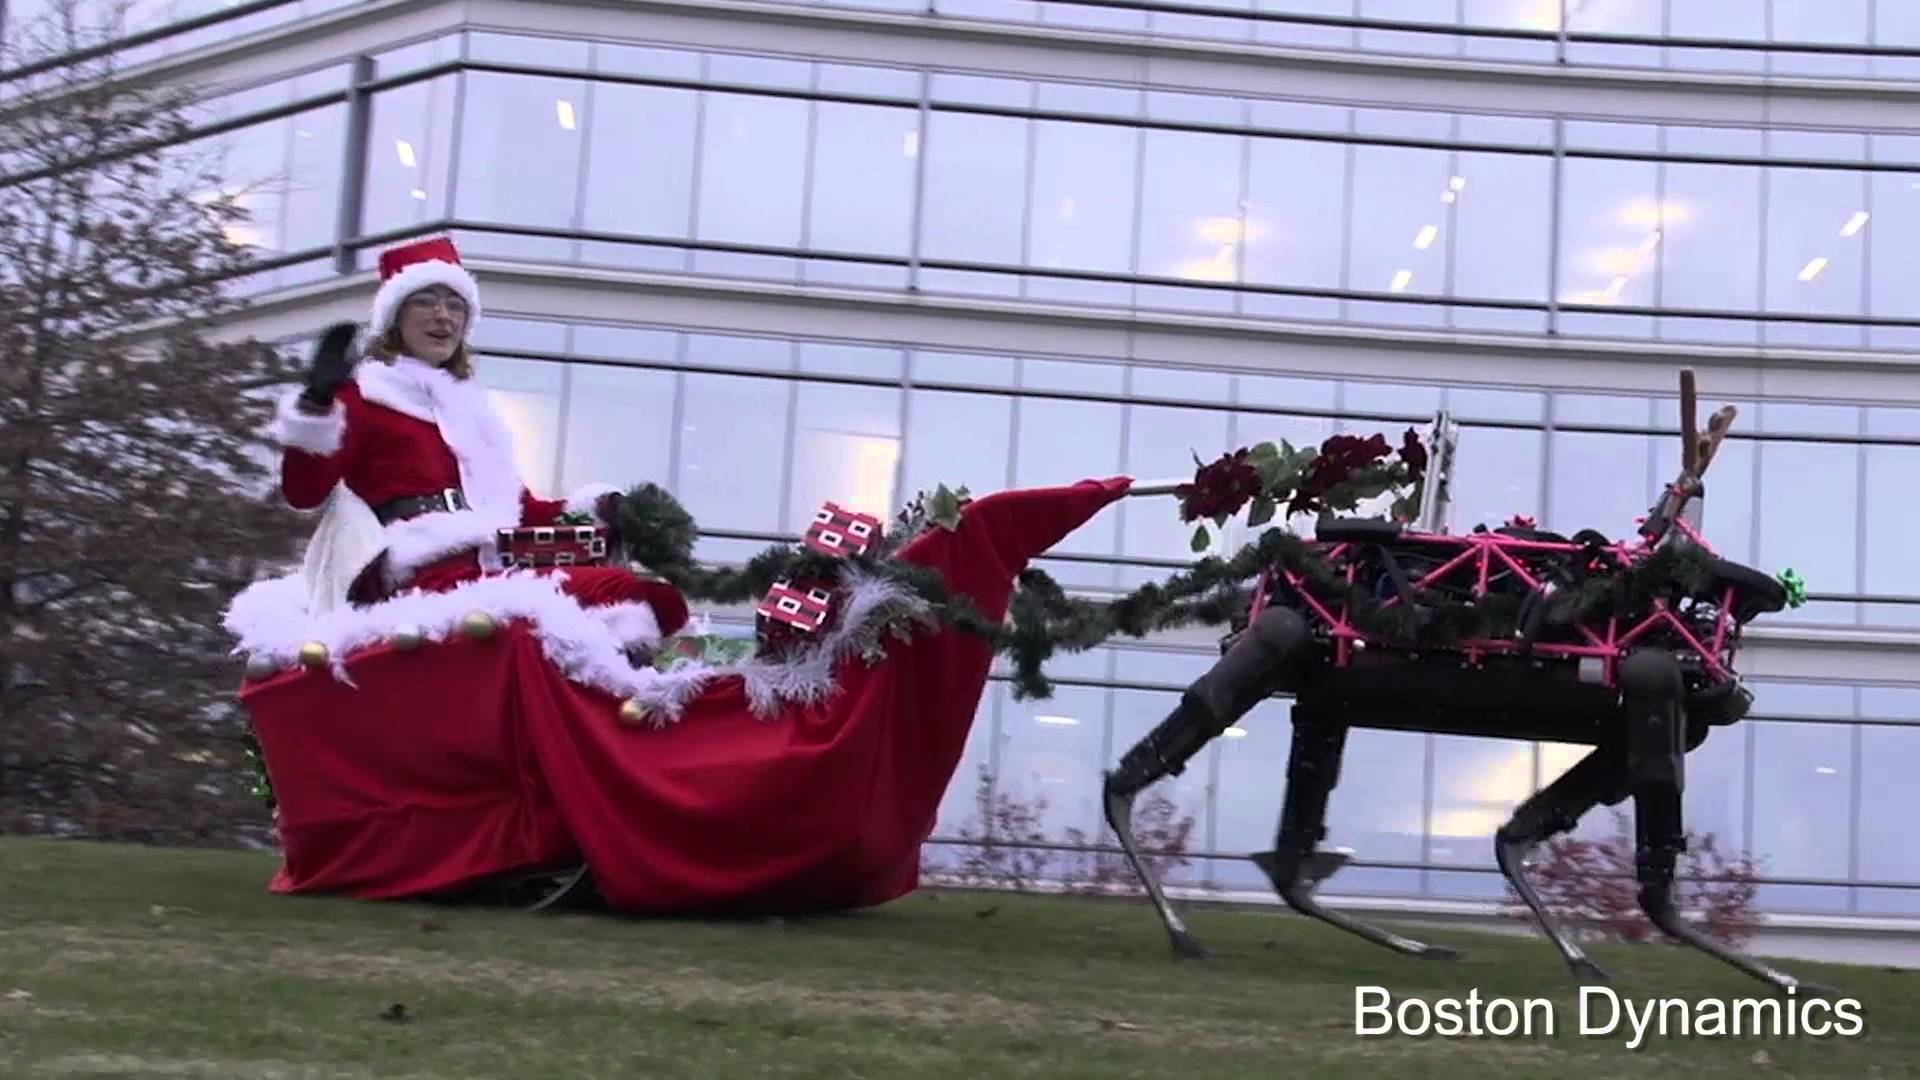 Robôs tomam o lugar das renas do Papai Noel em mensagem da Boston Dynamics